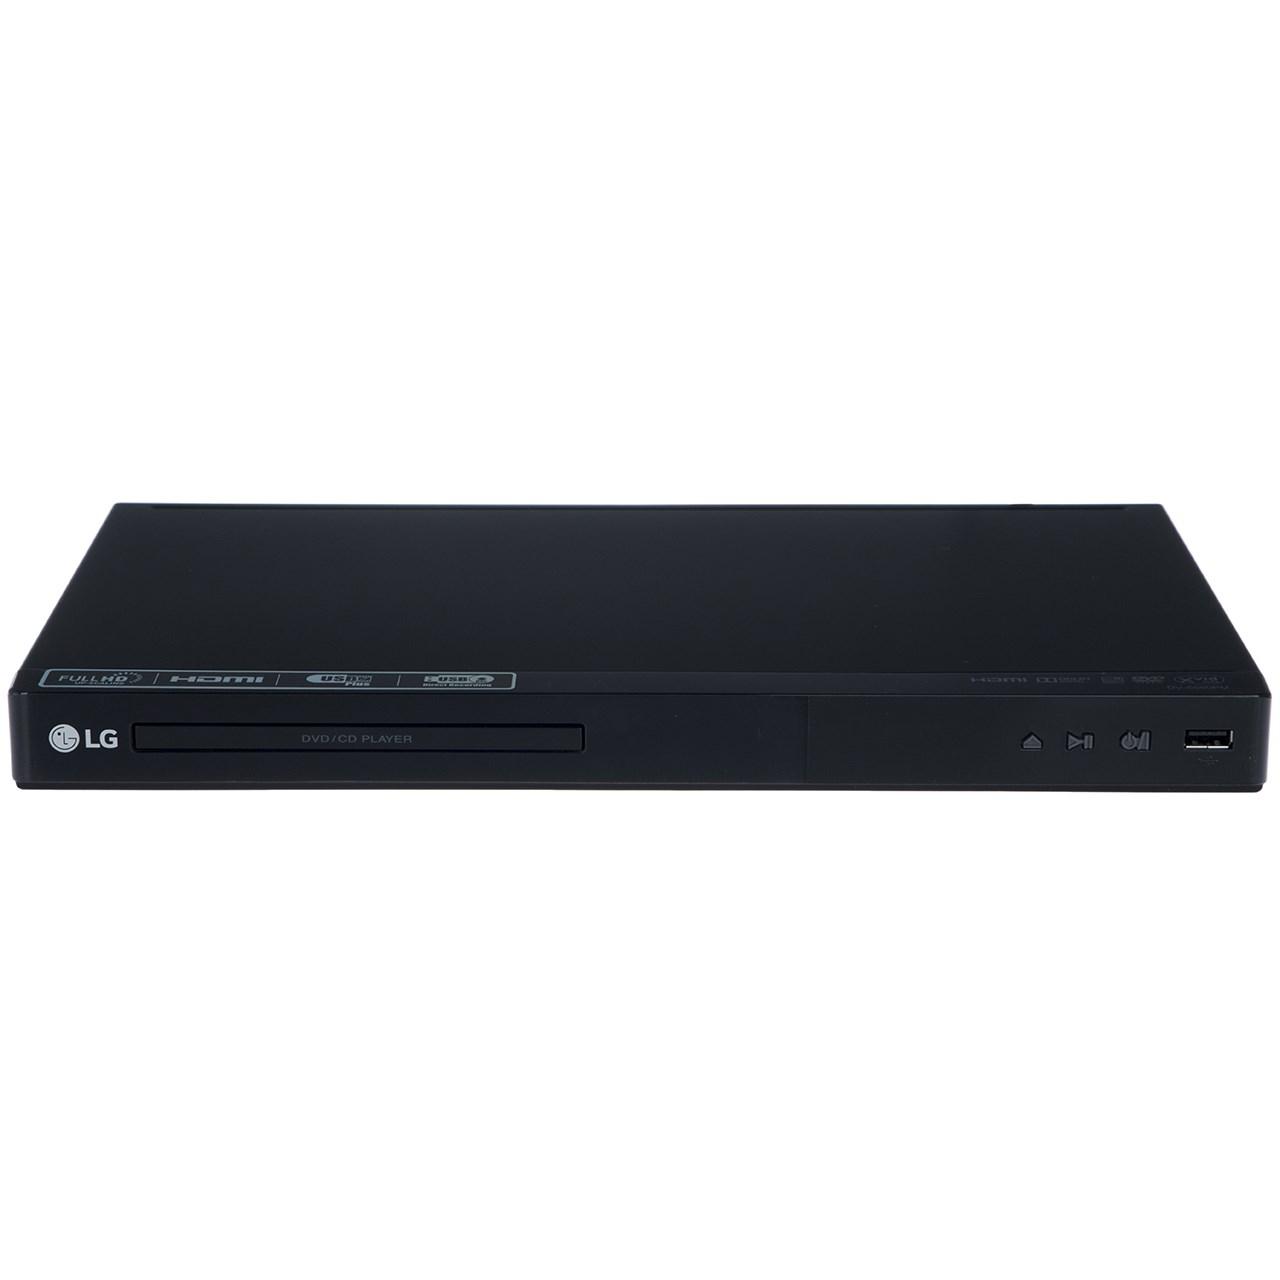 پخش کننده دی وی دی ال جی مدل DV-5590PM